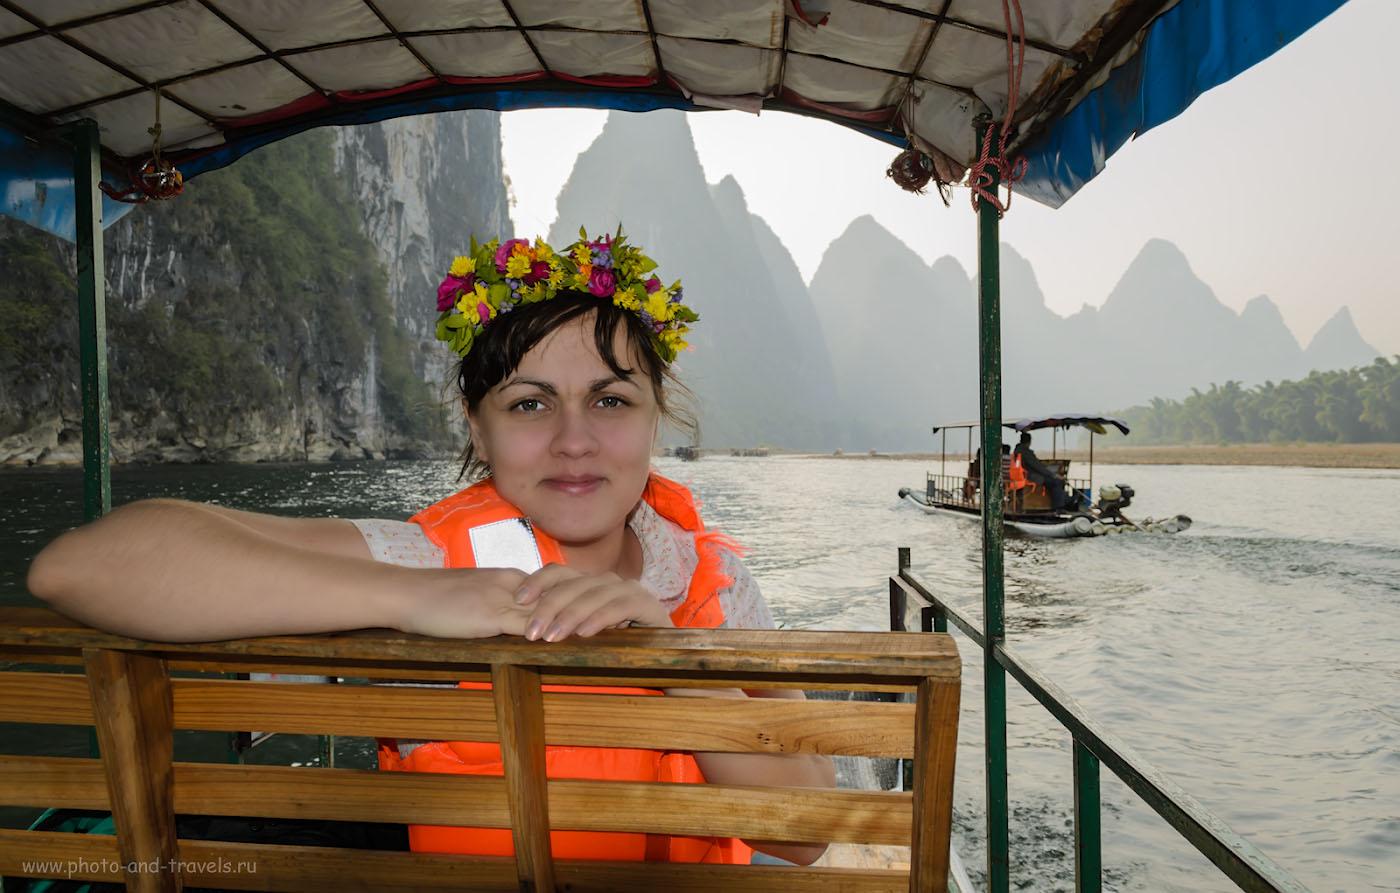 12. Отдых в Китае. Поездка в Яншо. Красотка среди красот реки Лицзян. 1/200, 6.3, 100, 18.